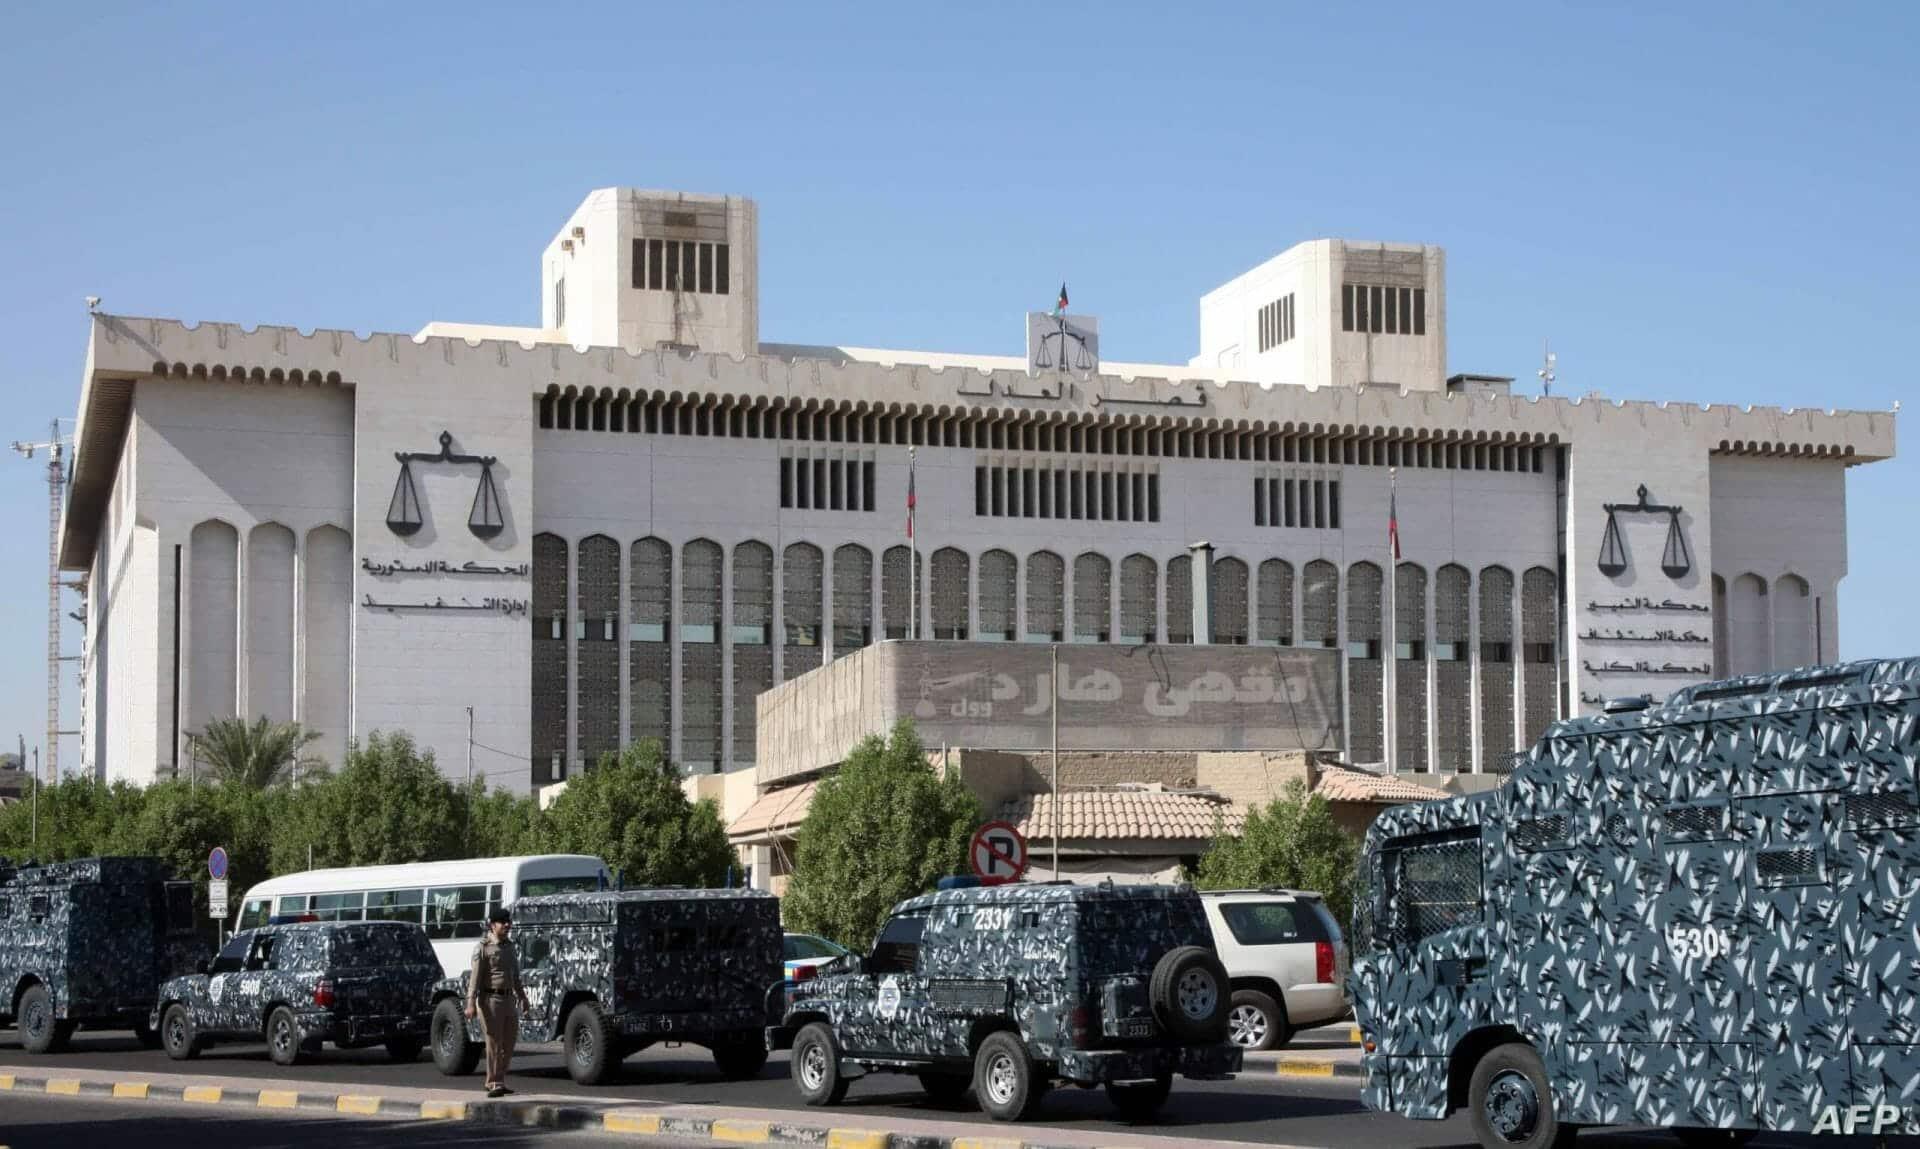 محكمة التمييز الكويتية تسدل الستار على قضية اقتحام مجلس الأمة وهذه هي العقوبات التي أقرتها بحق المتهمين